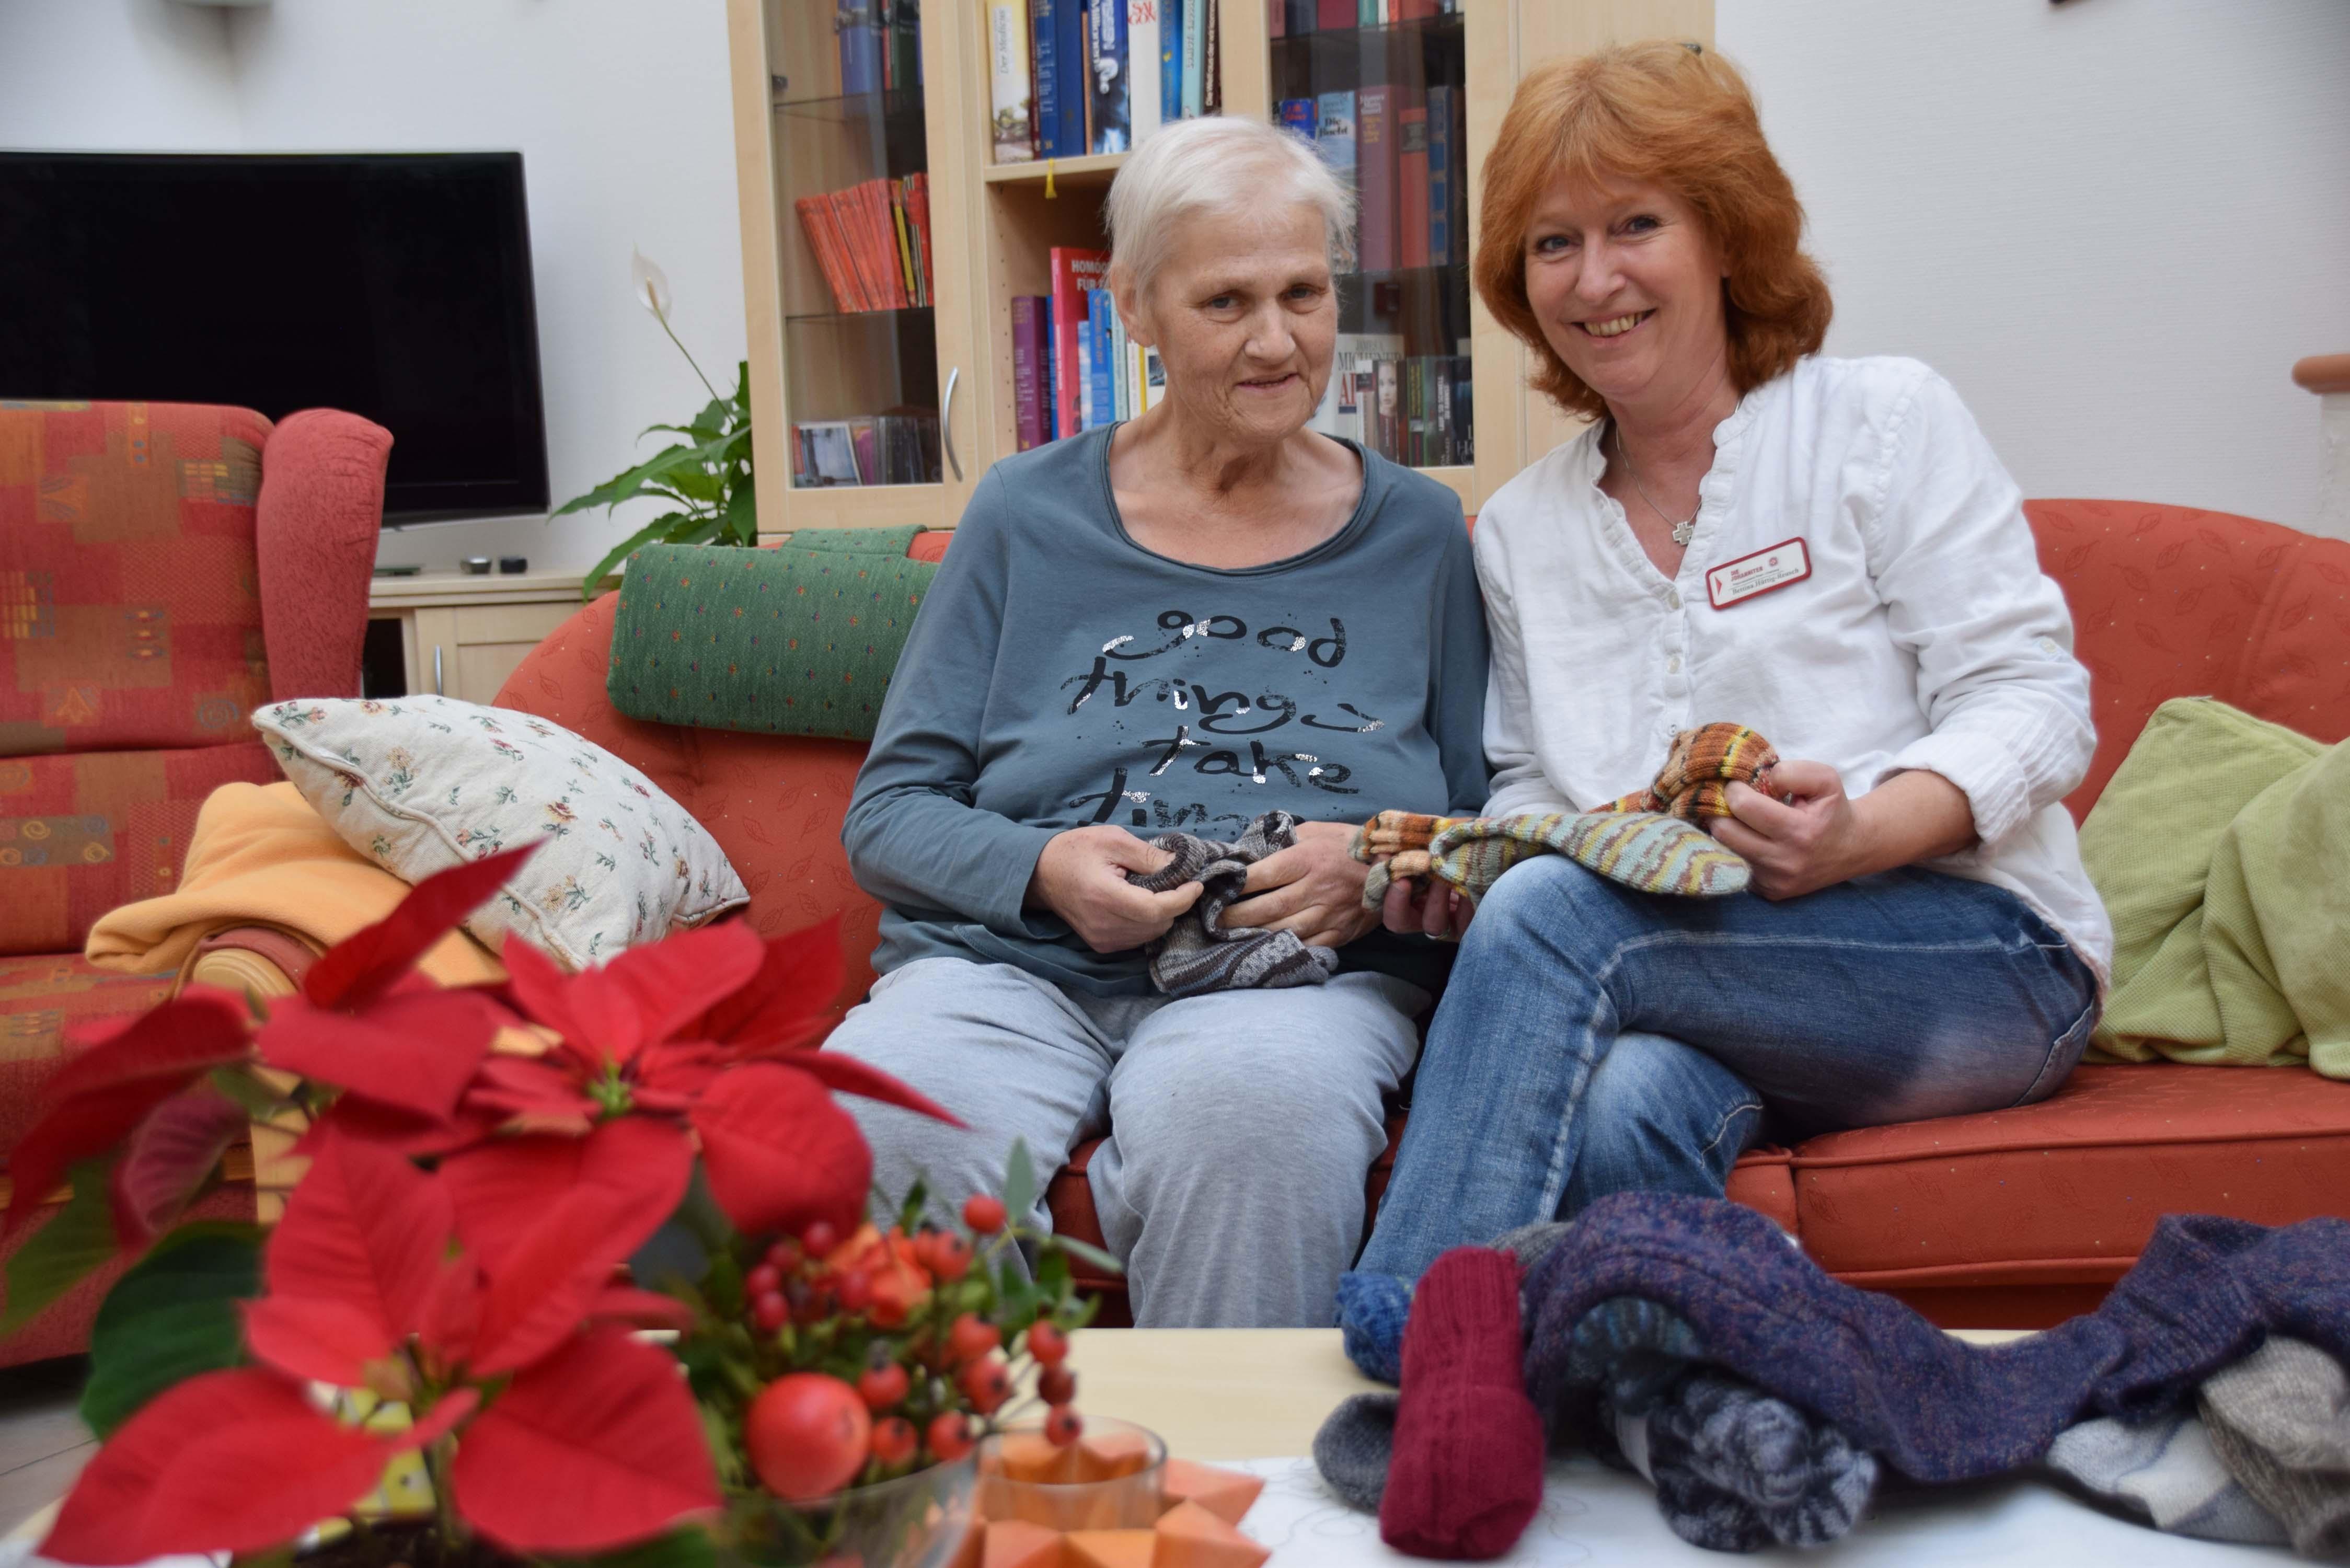 Bequeme  Kleidung will Krankenschwester Bettina Hüttig-Reusch (rechts) nach ihrem Tod angezogen bekommen. Warme Socken müssen es sein, findet auch Hospizbewohnerin Martina Gemein.